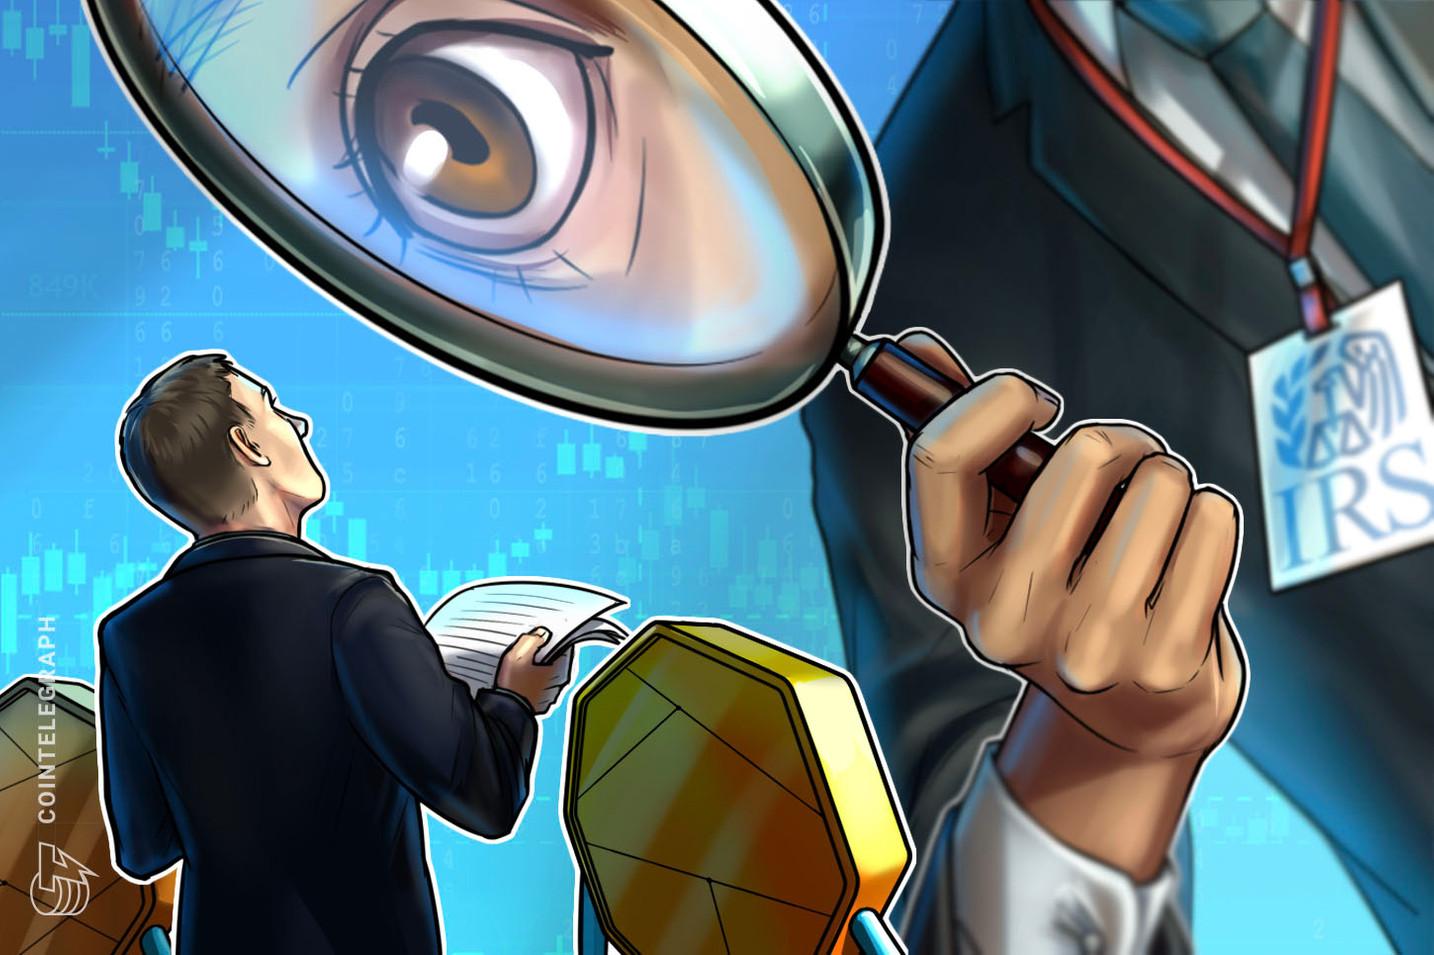 Segundo o chefe do IRS dos EUA, é necessário que o Congresso autorize o gerenciamento de criptomoedas